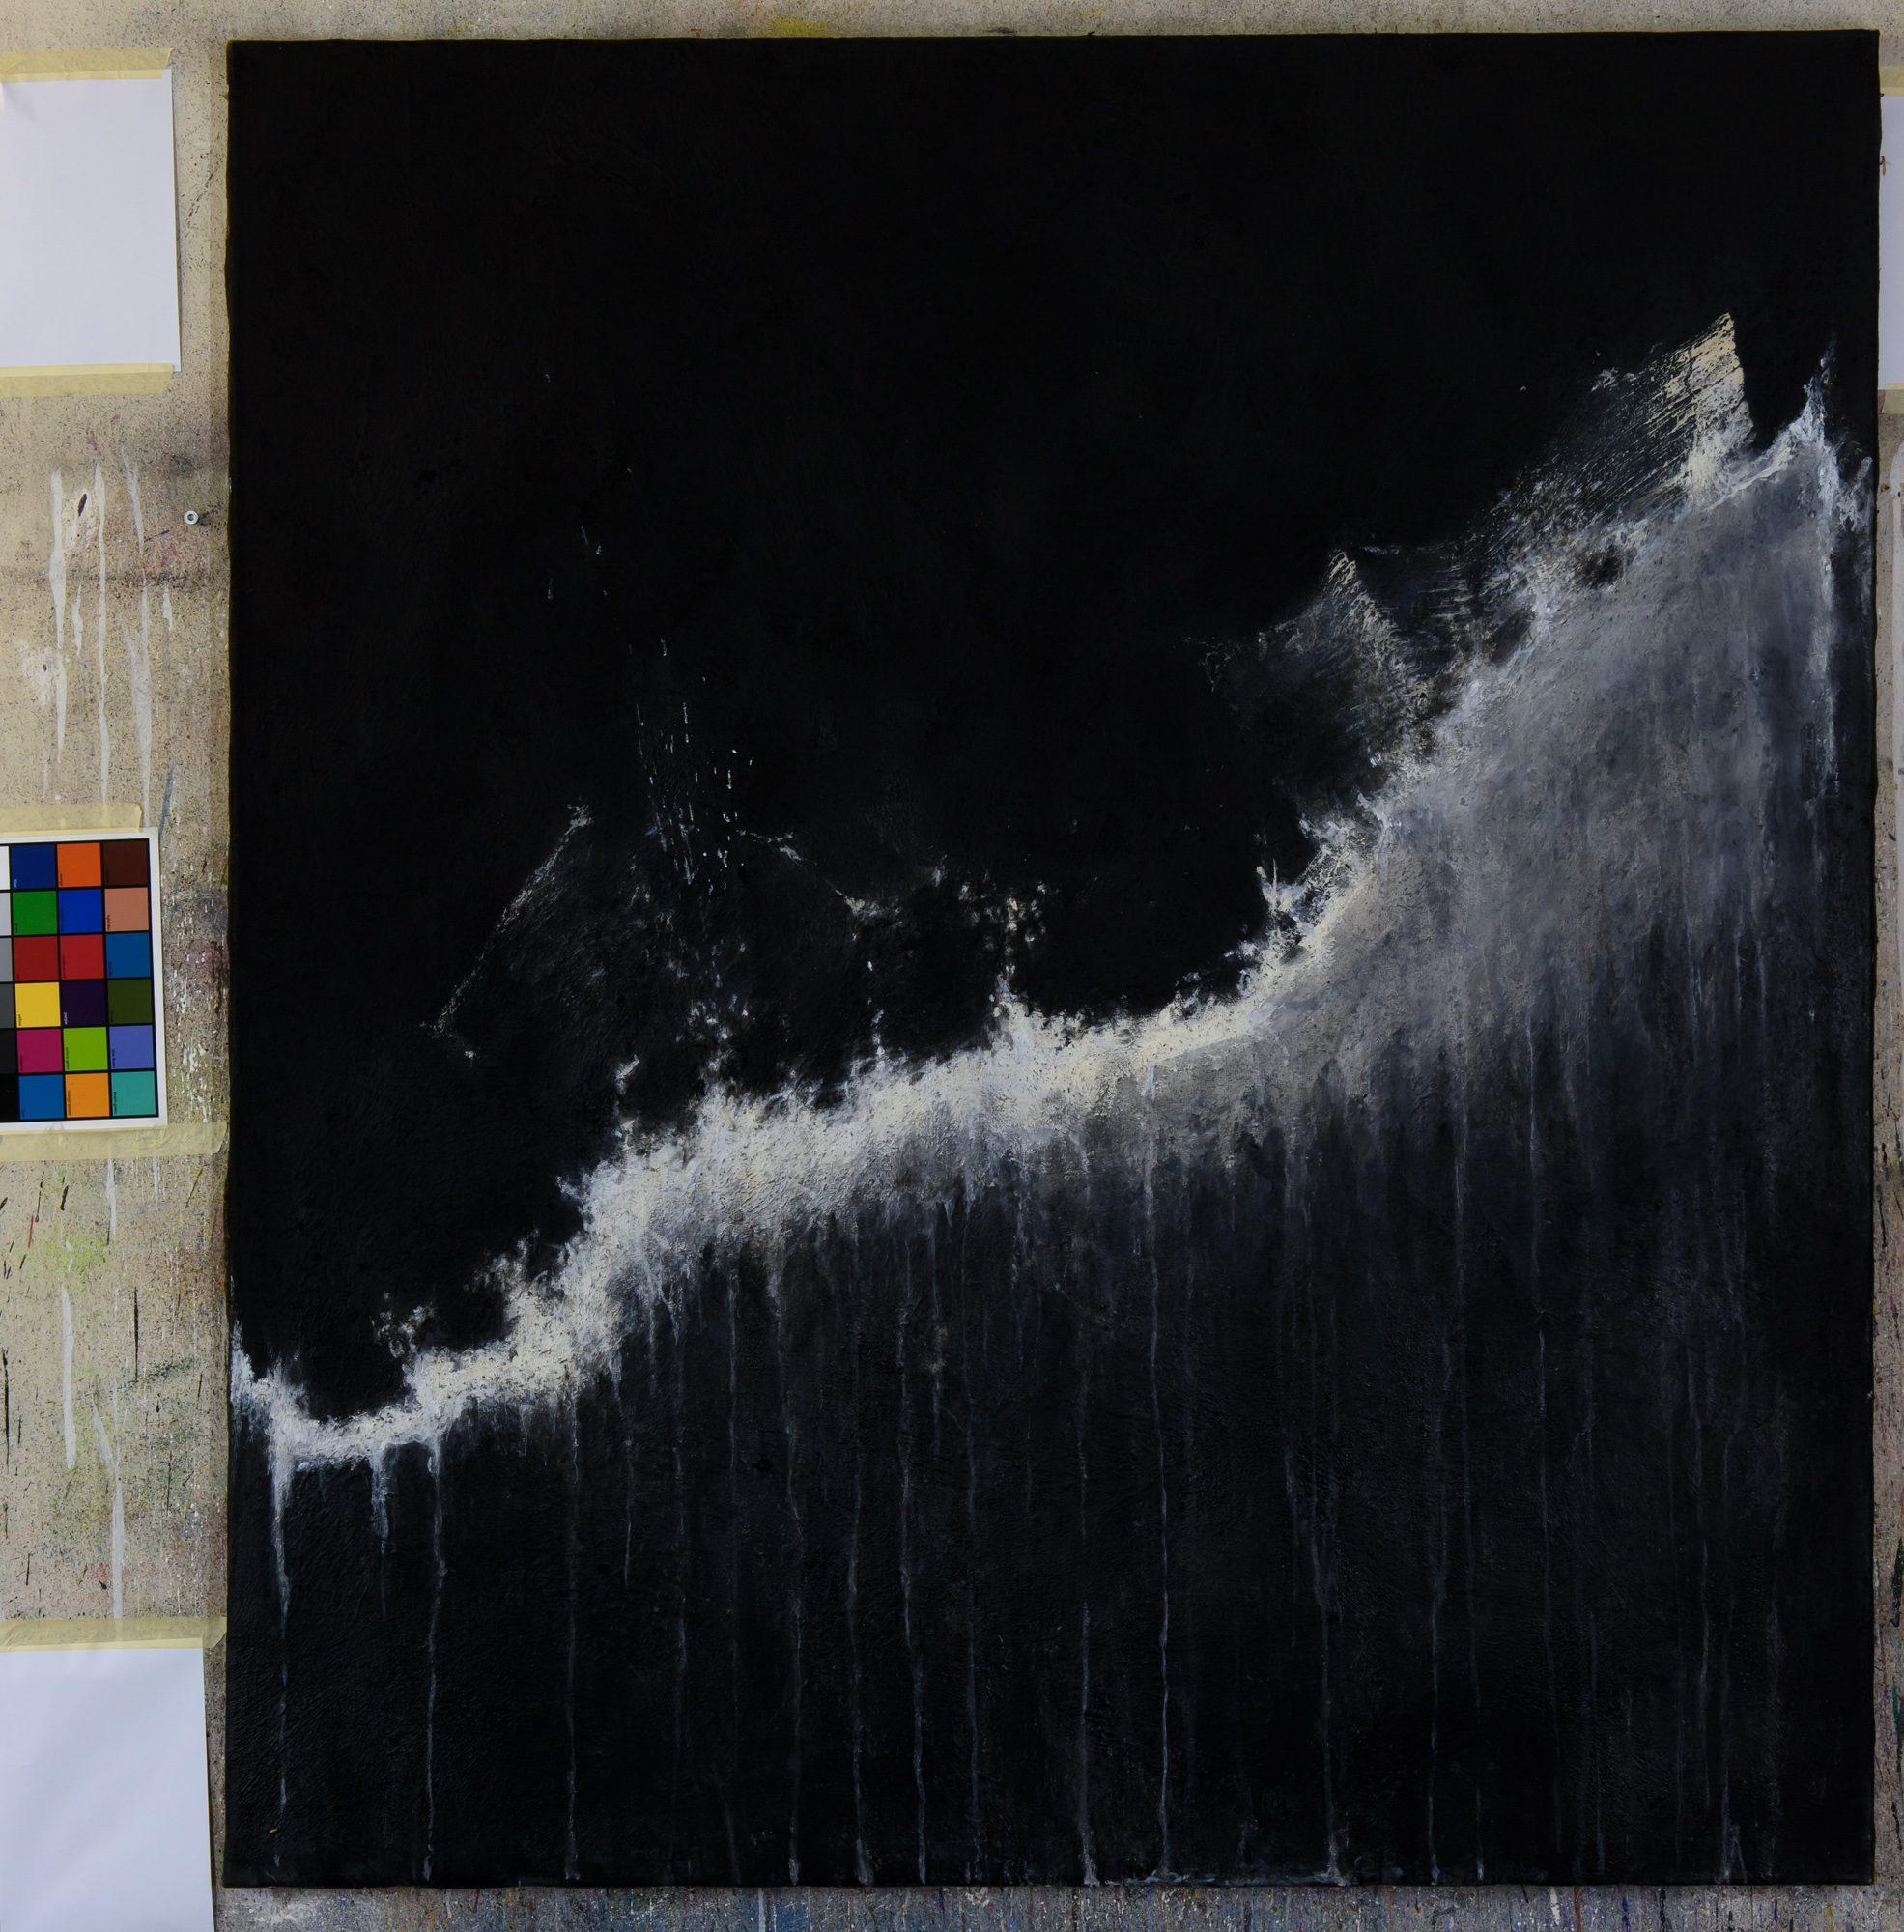 Reproduktionen von Ölbildern